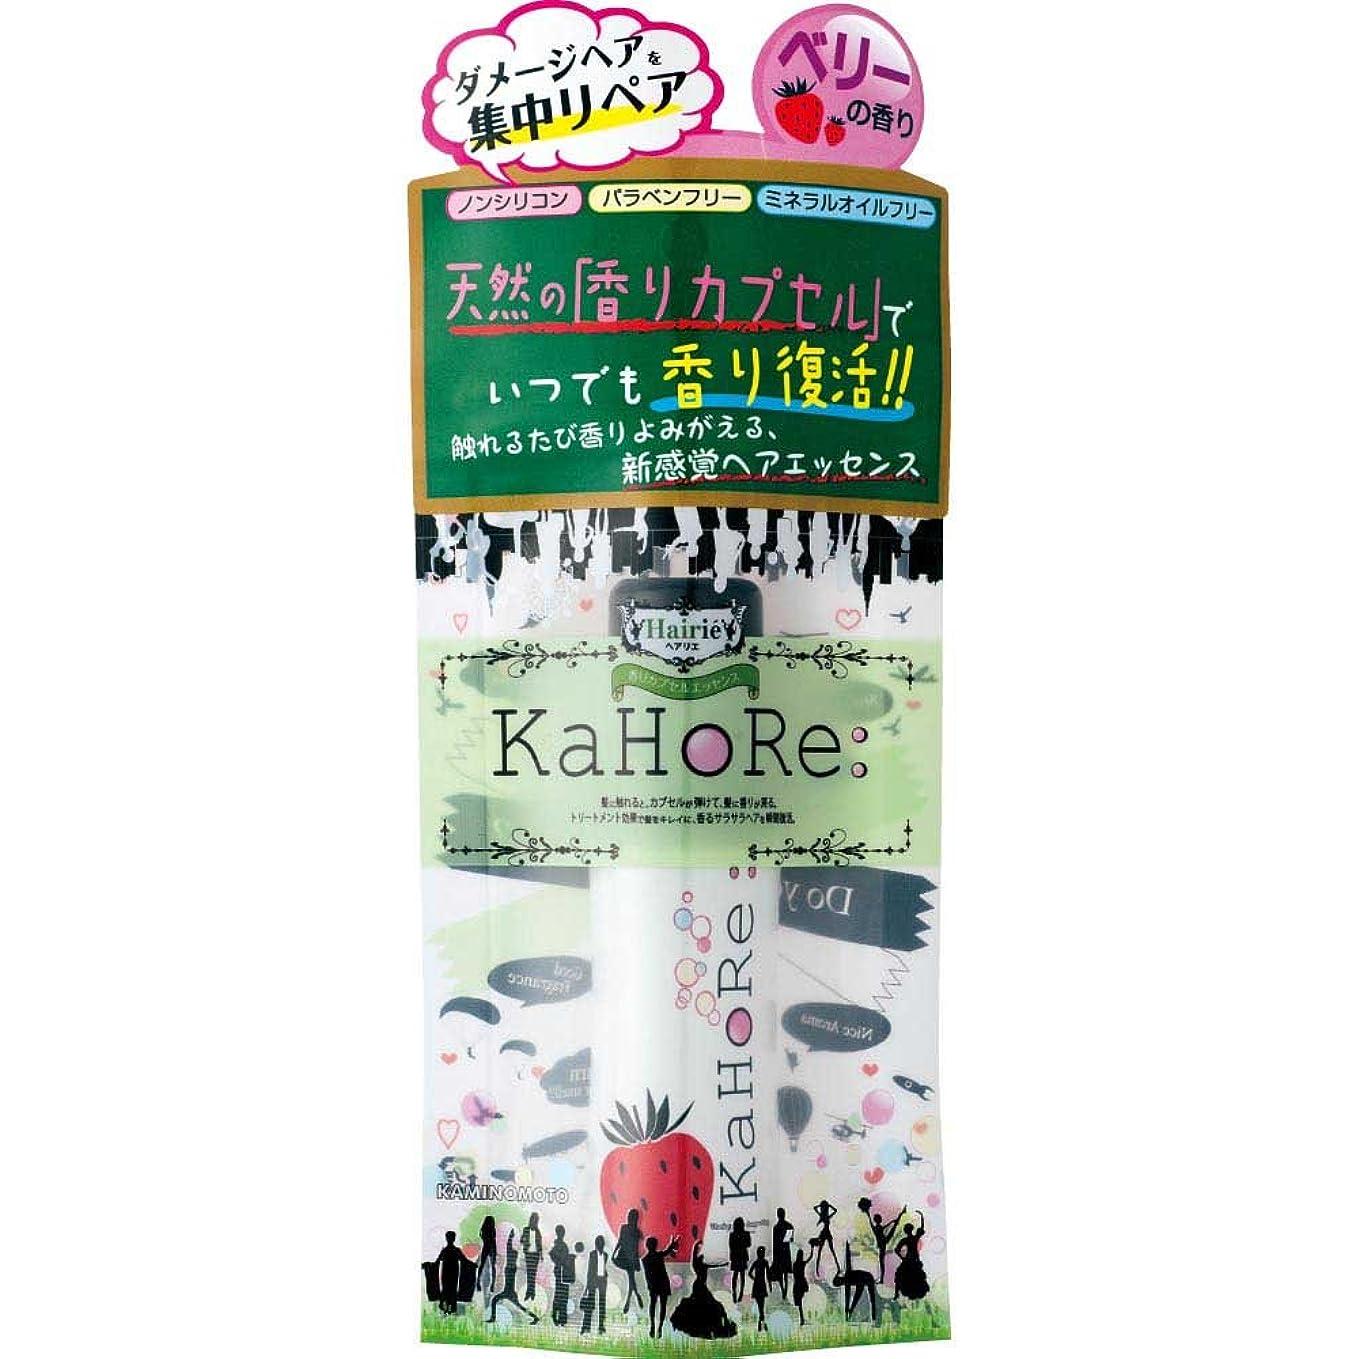 ありがたいトリプルレトルトヘアリエ KaHoRe ヘアエッセンス ミックスベリーの香り 30g